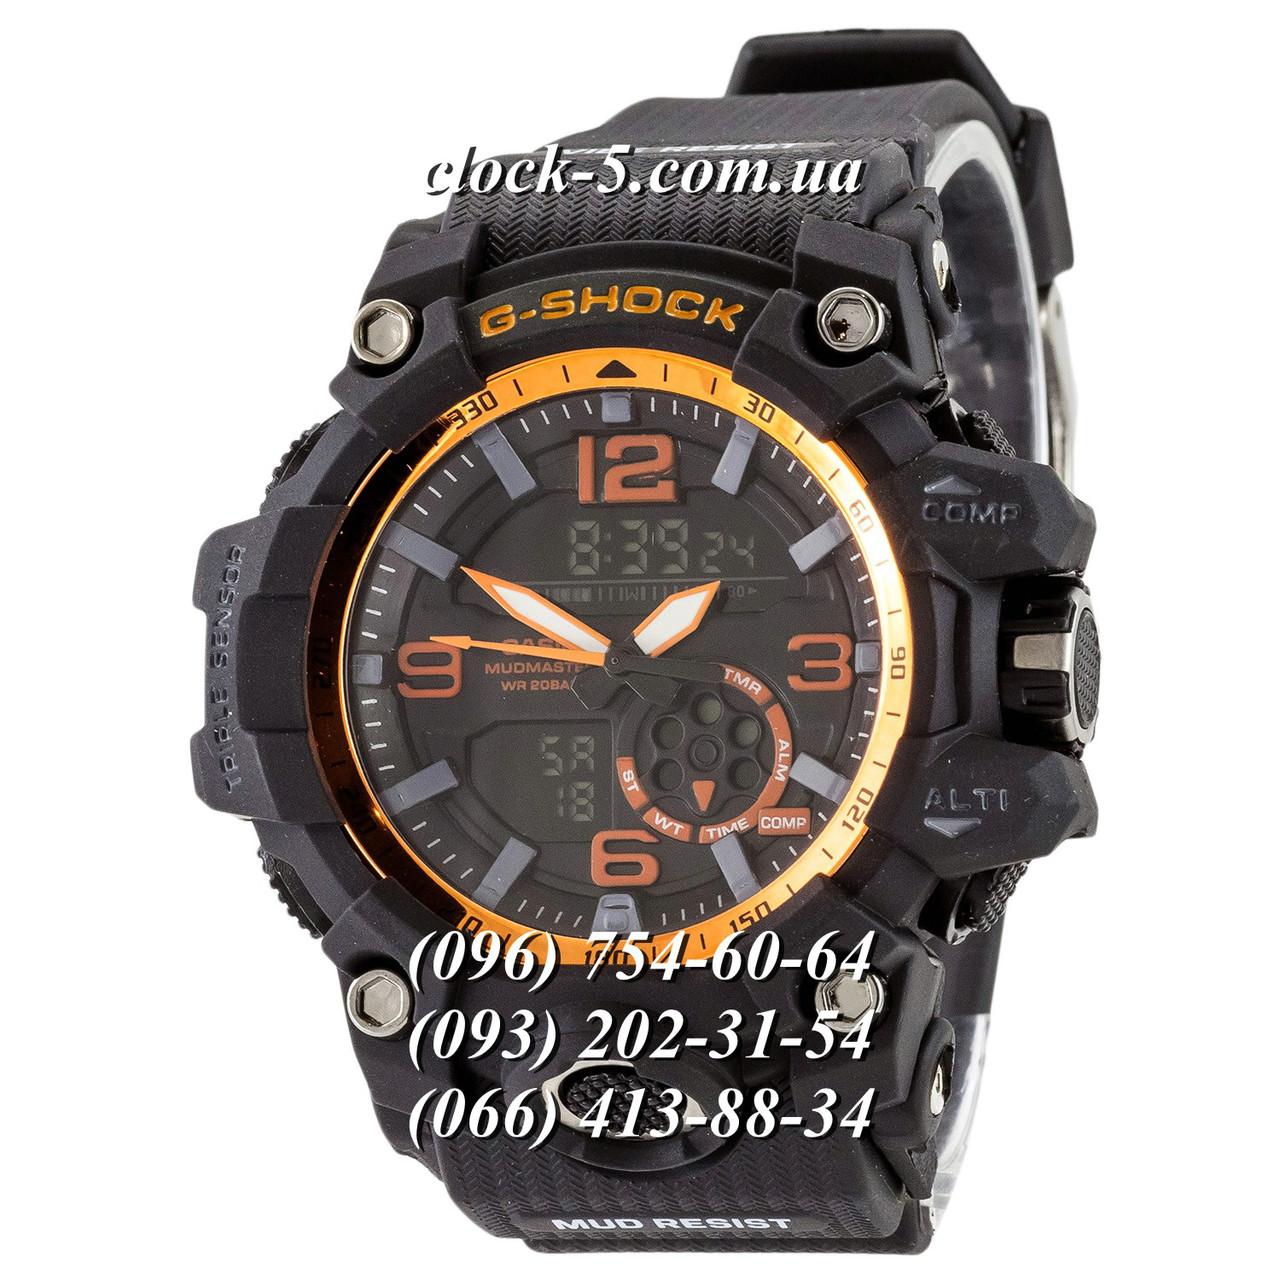 Купить часы наручные мужские киев недорого  продажа 23789828227e9